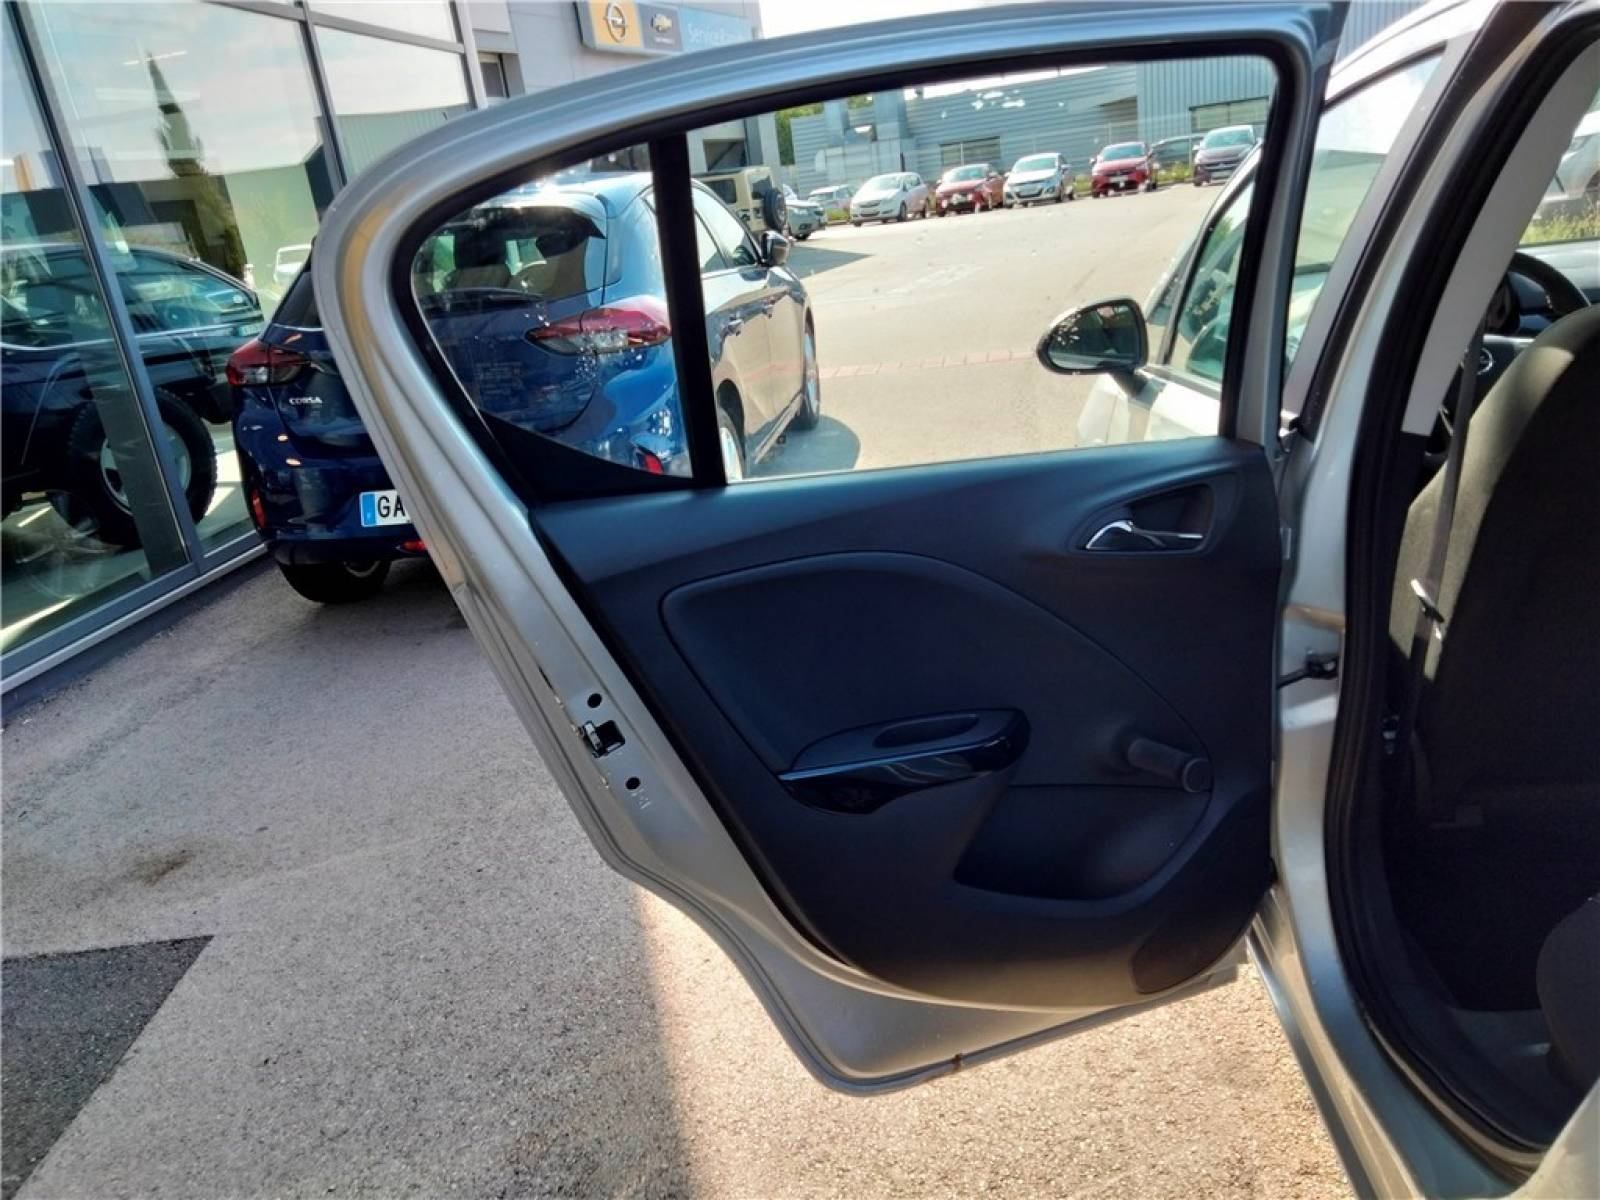 OPEL Corsa 1.4 90 ch - véhicule d'occasion - Groupe Guillet - Opel Magicauto - Montceau-les-Mines - 71300 - Montceau-les-Mines - 15